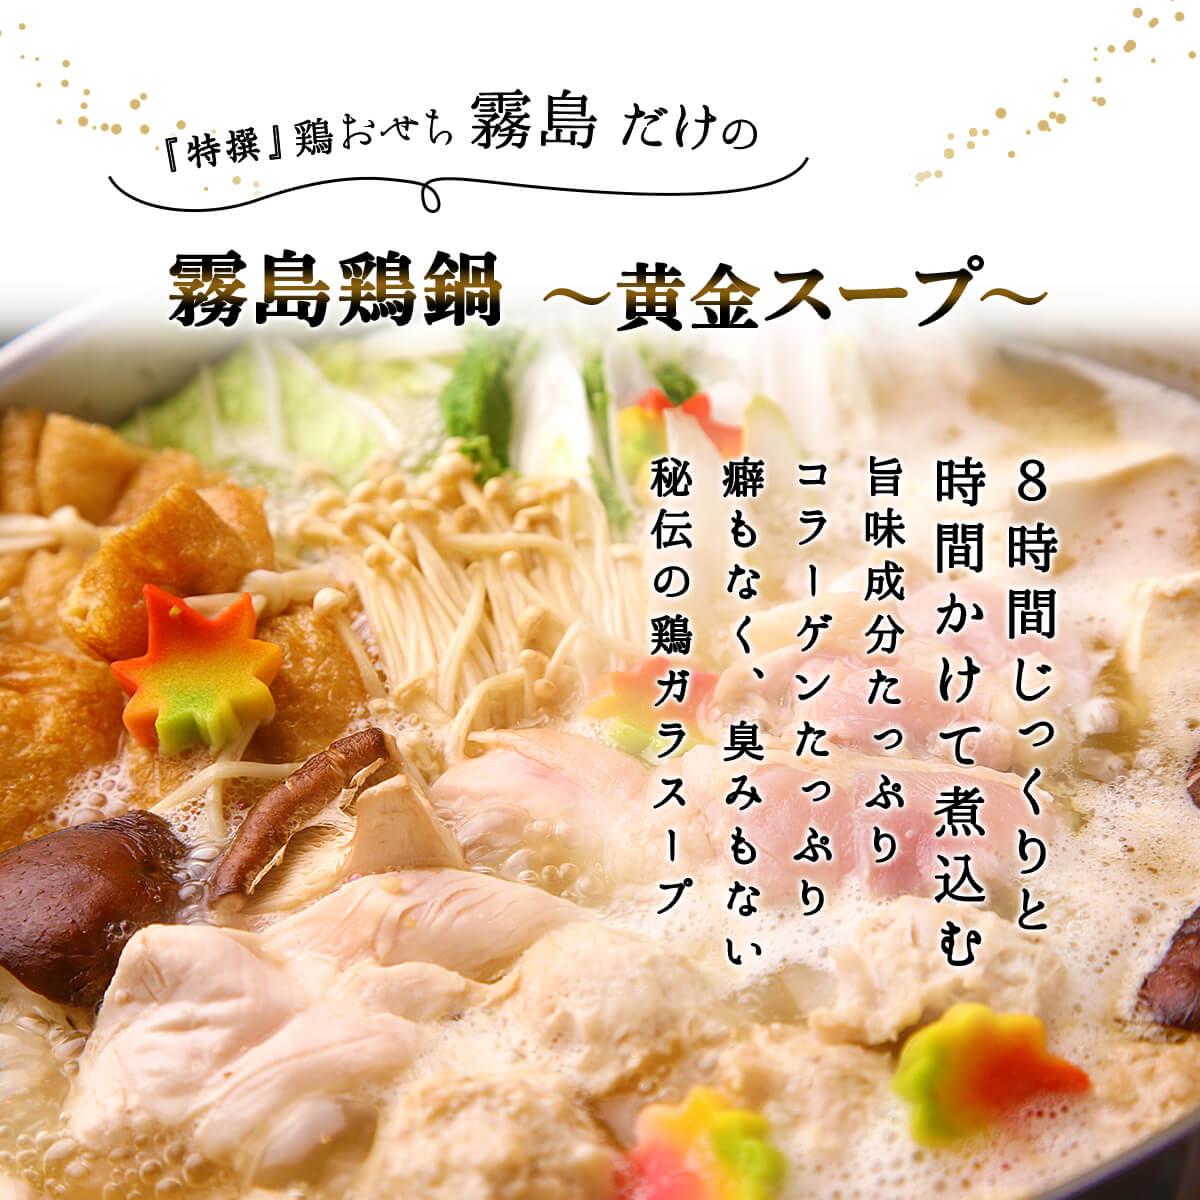 『特撰』鶏おせち霧島だけの霧島鶏鍋 〜黄金スープ〜